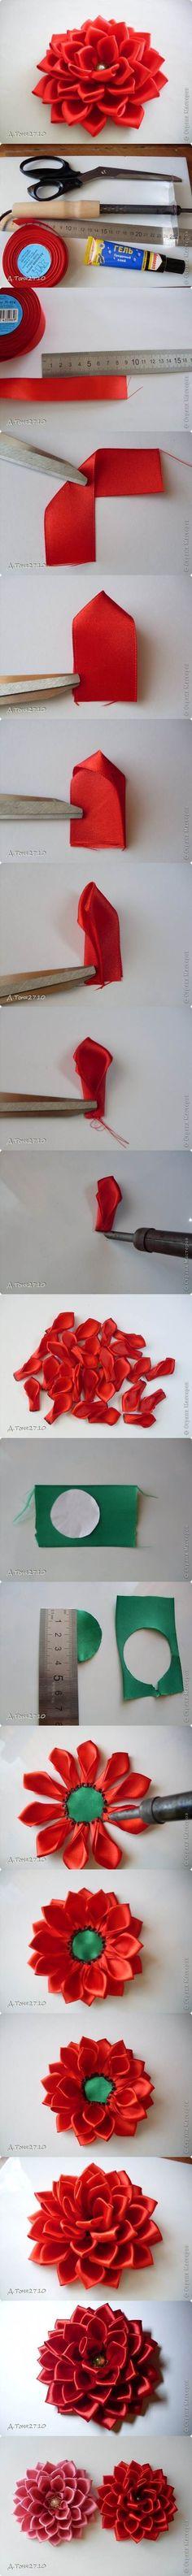 flor cinta de raso. tutorial